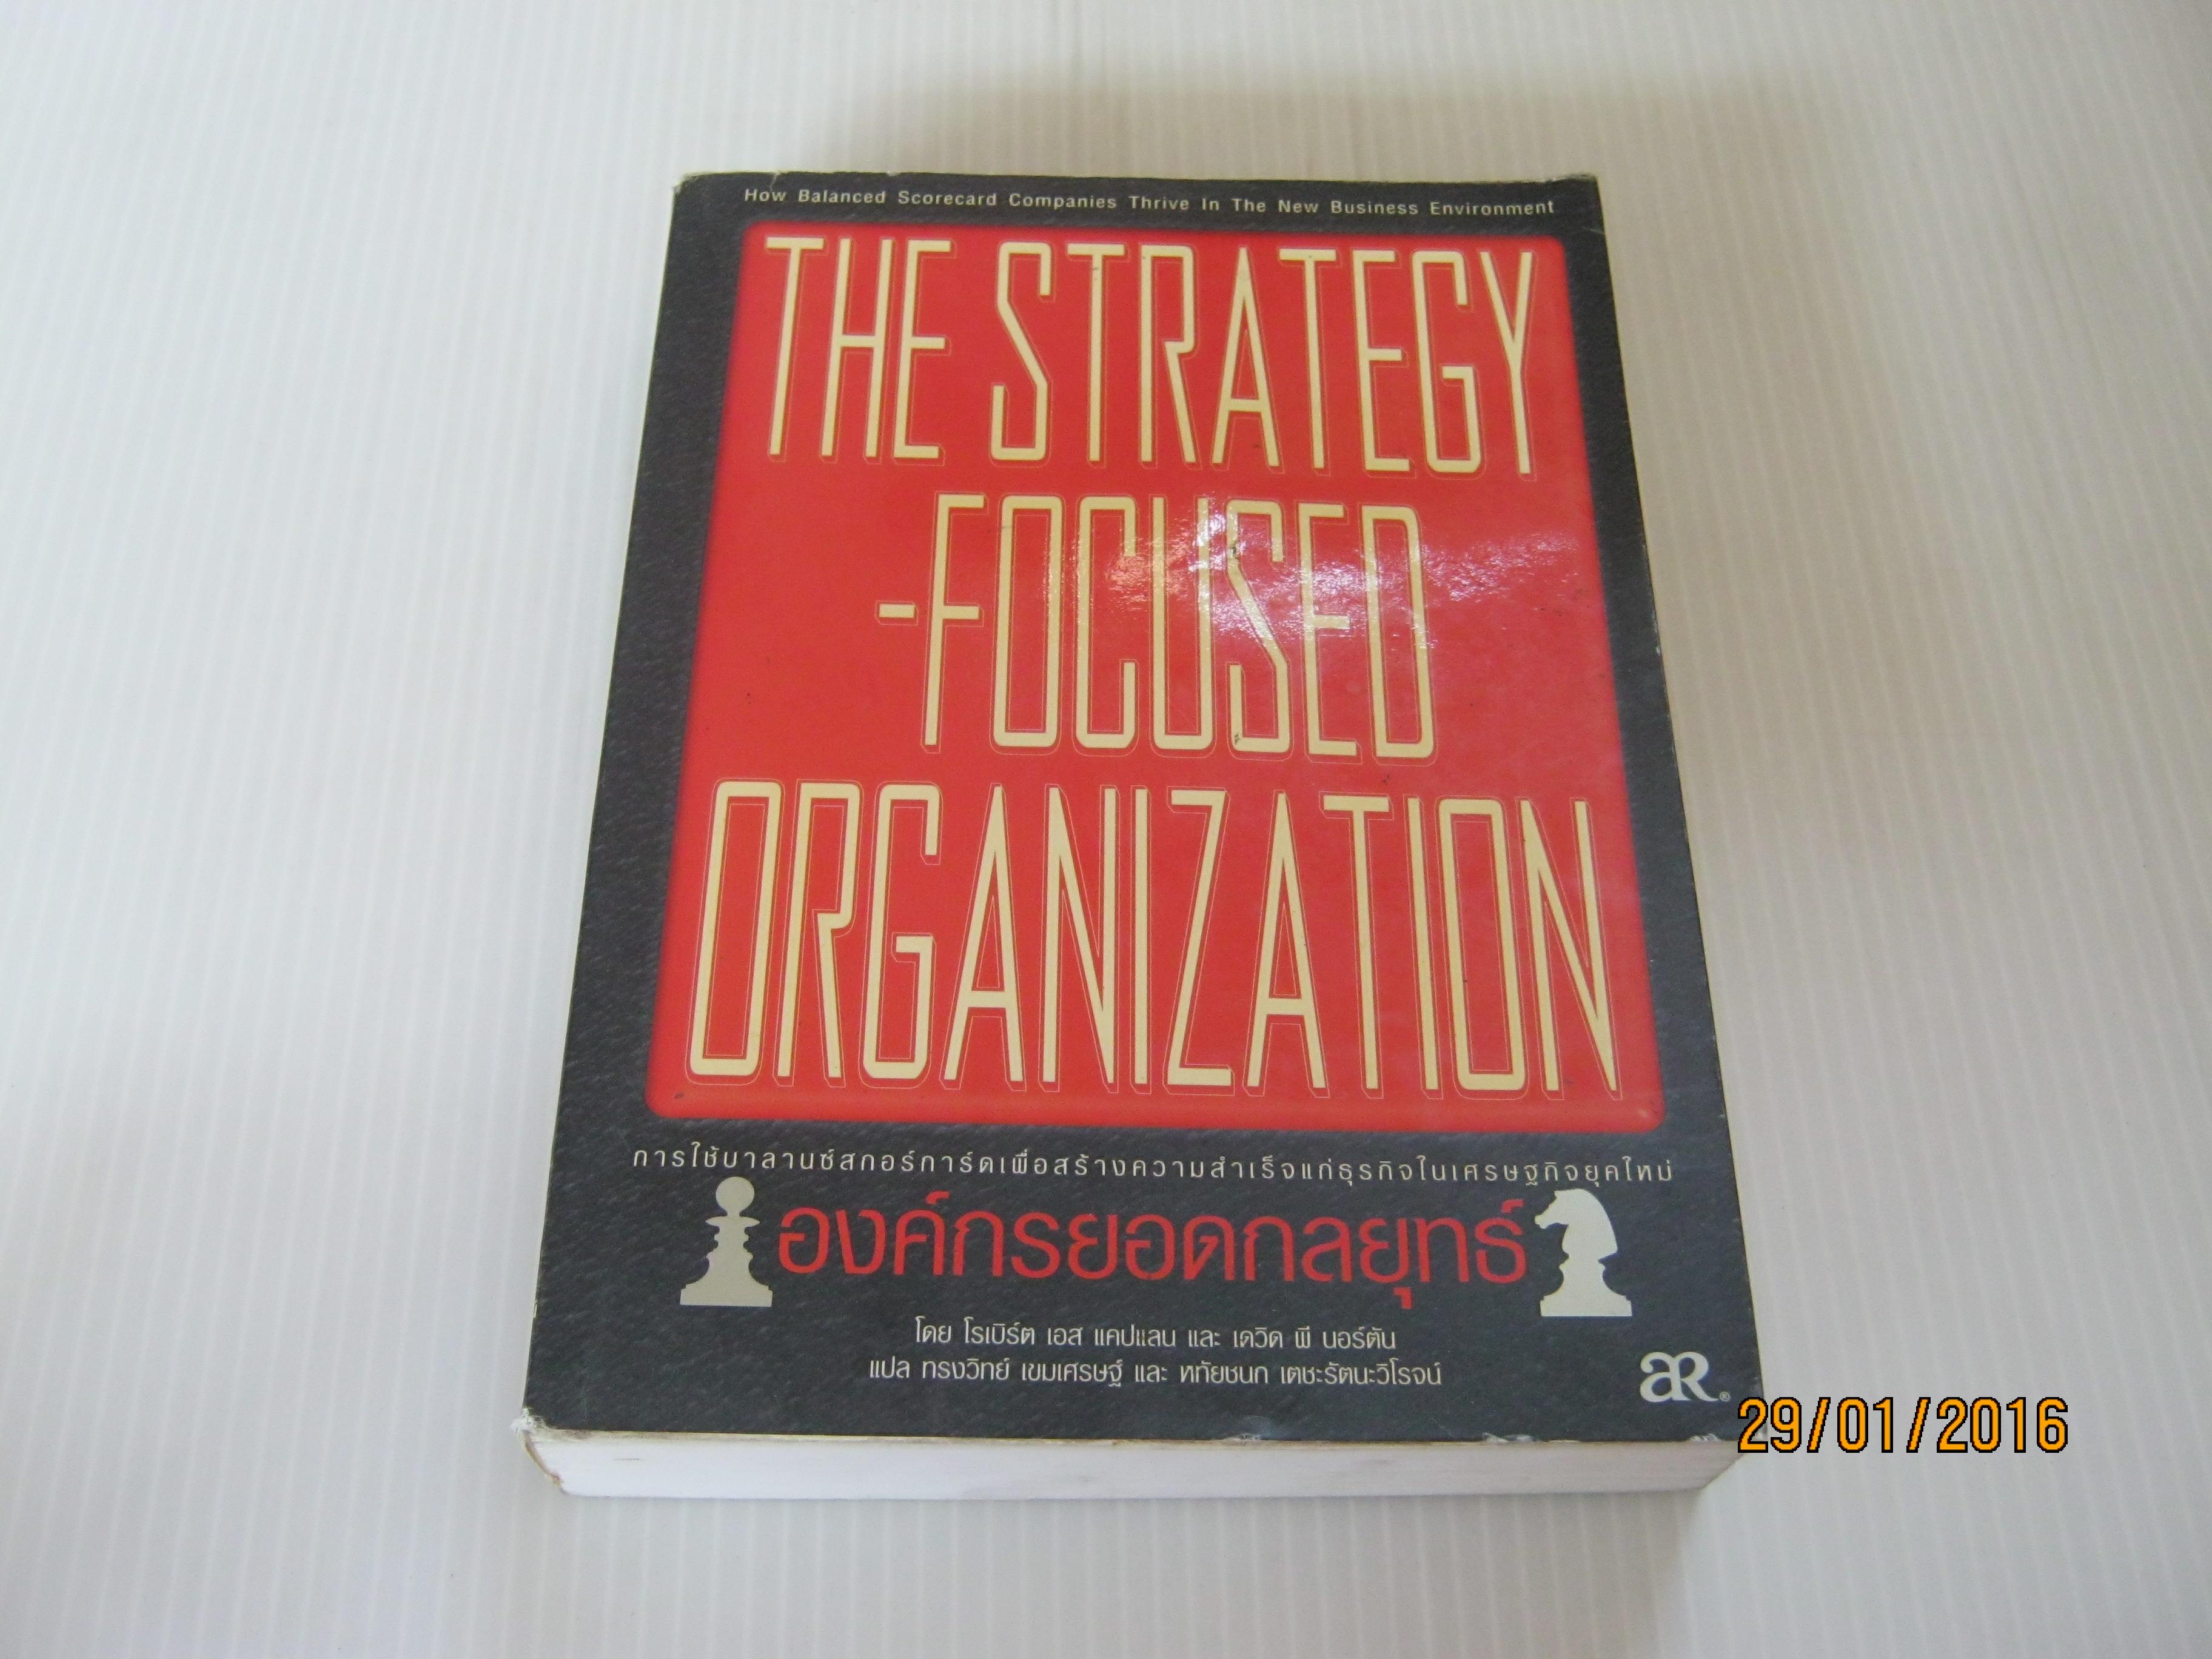 องค์กรยอดกลยุทธ์ (The strategy Focused Organization) โรเบิร์ต เอส แคปแลน และ เดวิด พี นอร์ตัน เขียน ทรงวิทย์ เขมเศรษฐ์ และ หทัยชนก เตชะรัตนะวิโรจน์ แปล